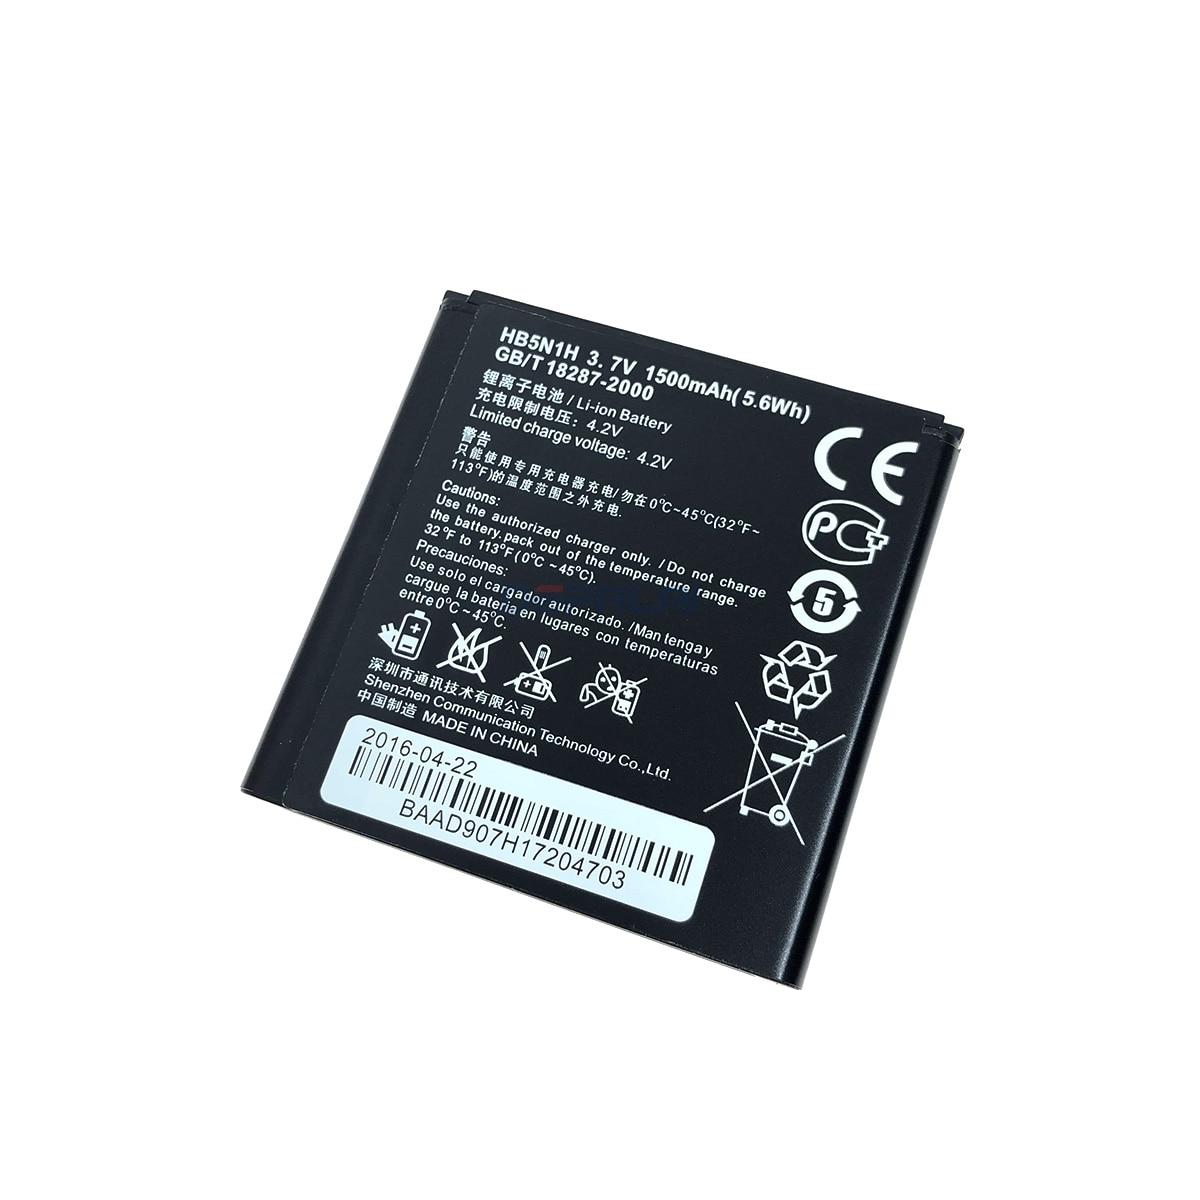 Nueva 1500mAh HB5N1H batería para Huawei Ascend G300 G305T C8812 U8815 U8818 T8828 M660 de la batería del teléfono celular